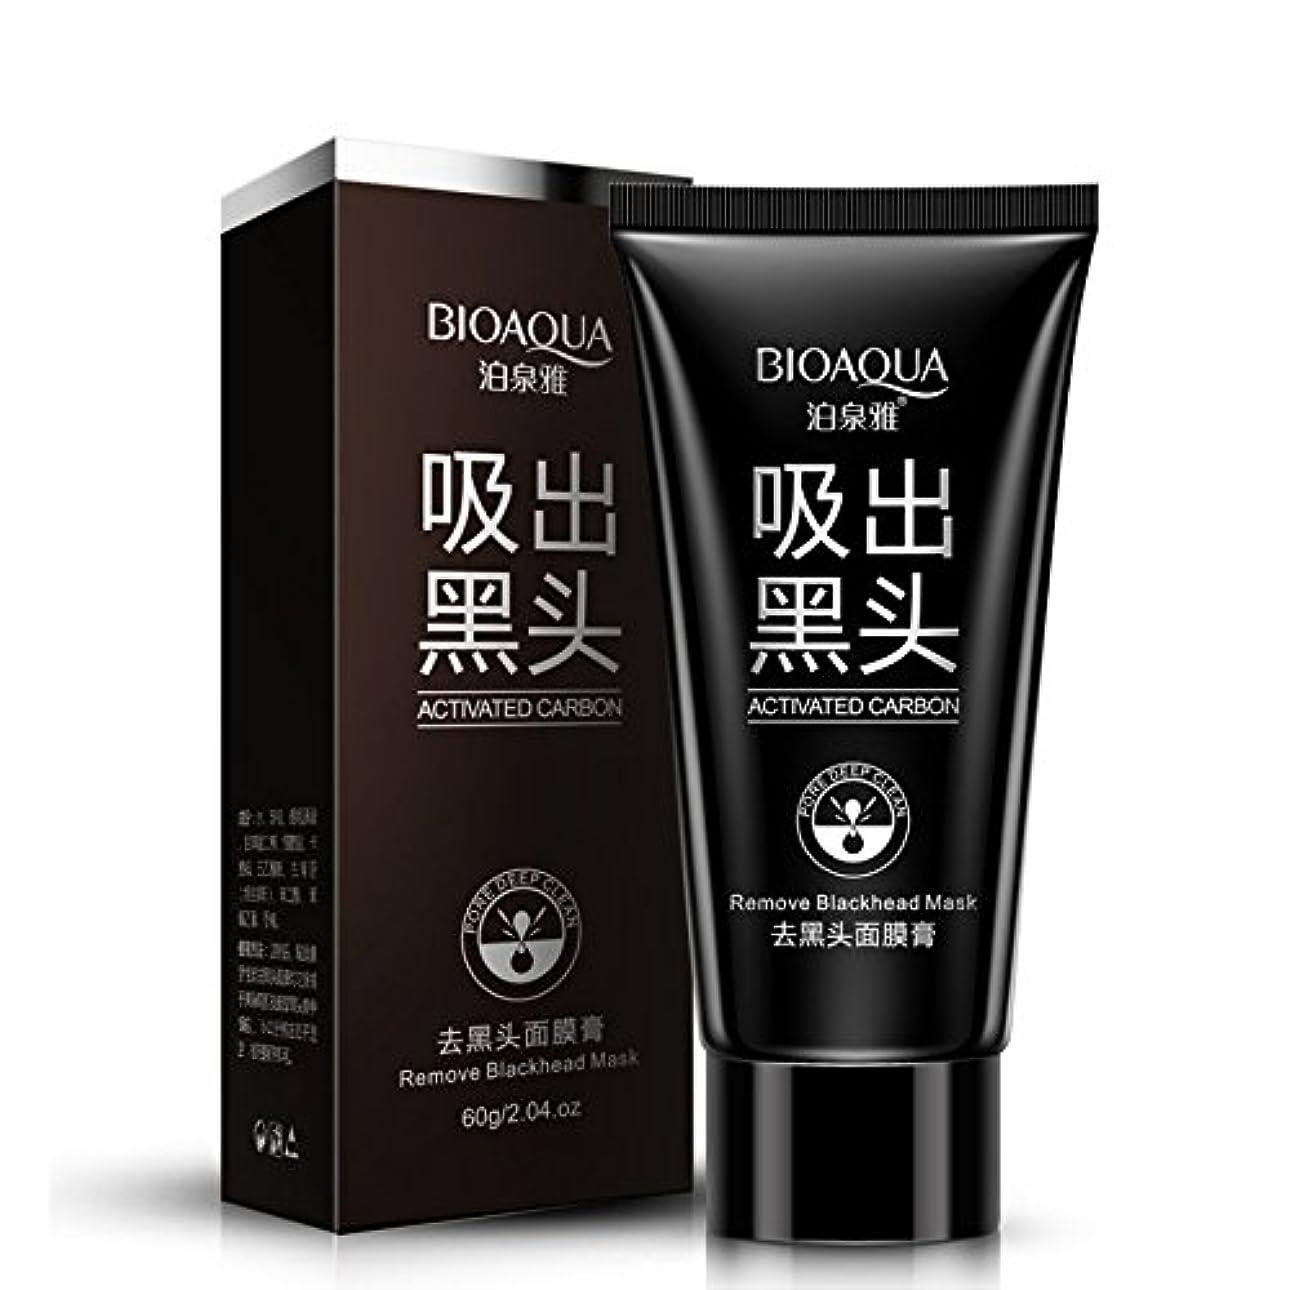 かなりの徹底的にエントリSuction Black Mask Shrink Black Head Spots Pores,Face Mask Blackhead Removal Blackheads Cosmetics Facials Moisturizing...